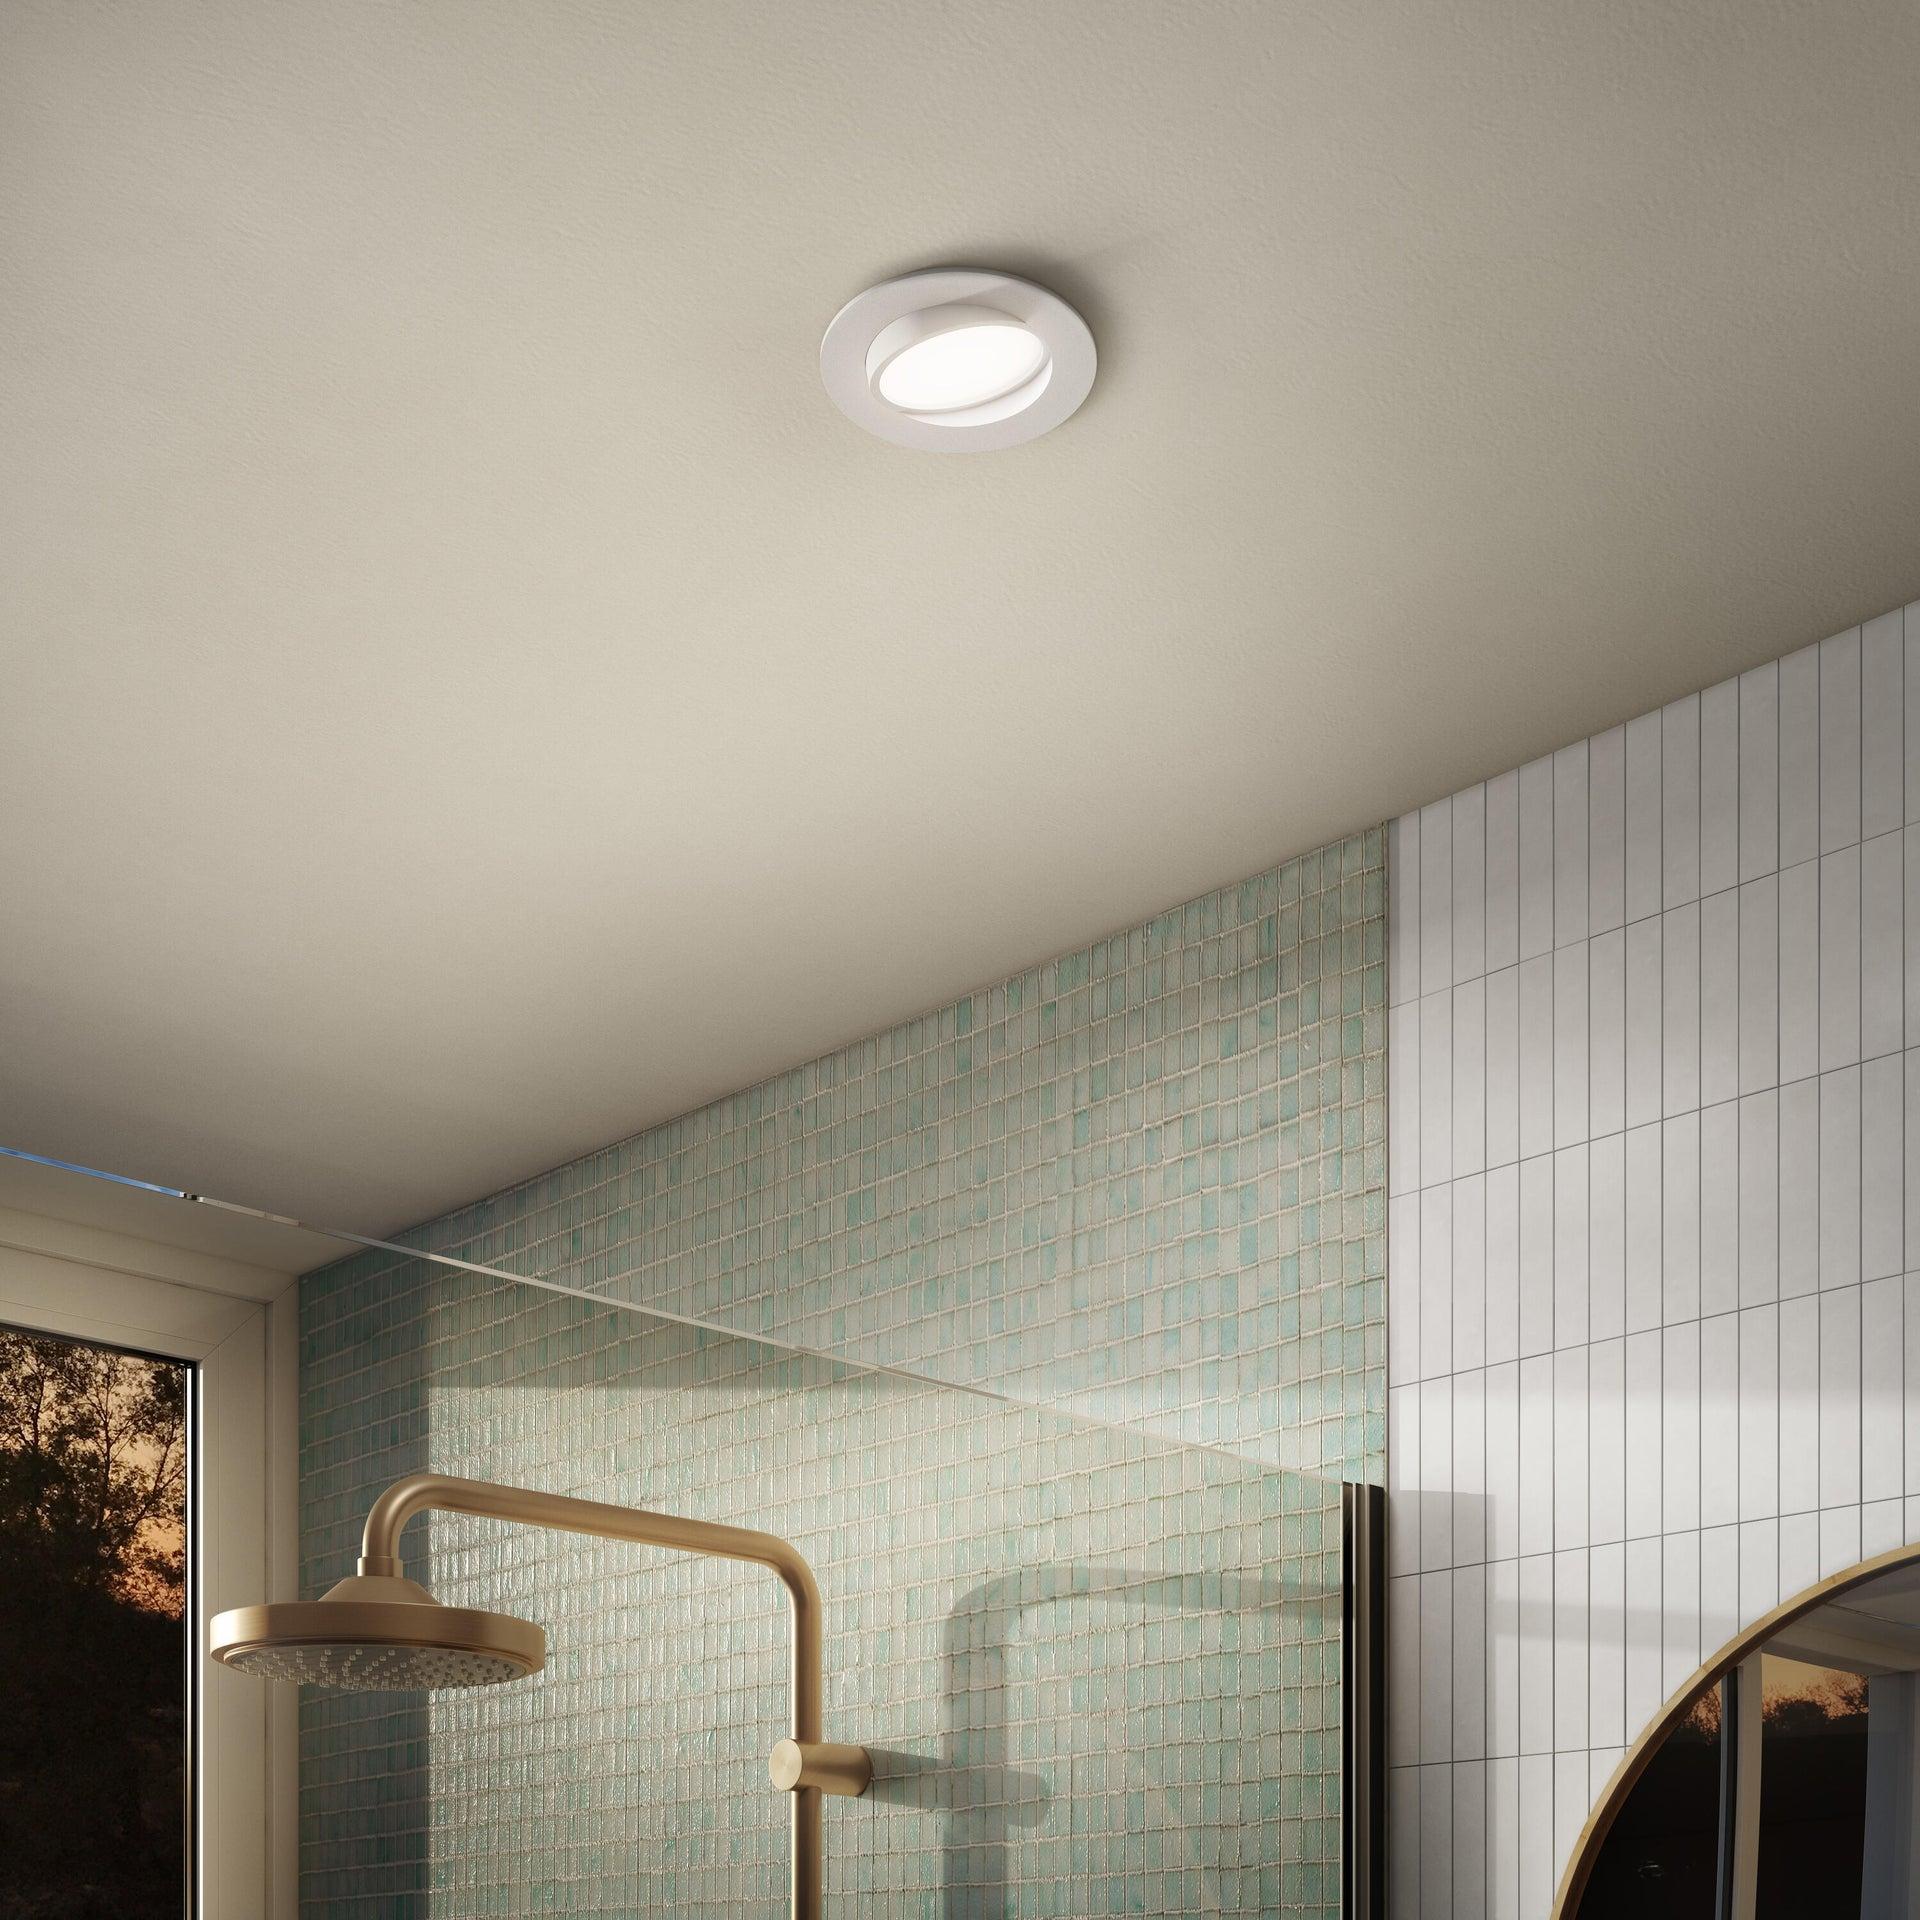 Faretto orientabile da incasso tondo Ori Lindi bianco, diam. 9 cm LED integrato 6.3W 550LM IP65 INSPIRE - 14